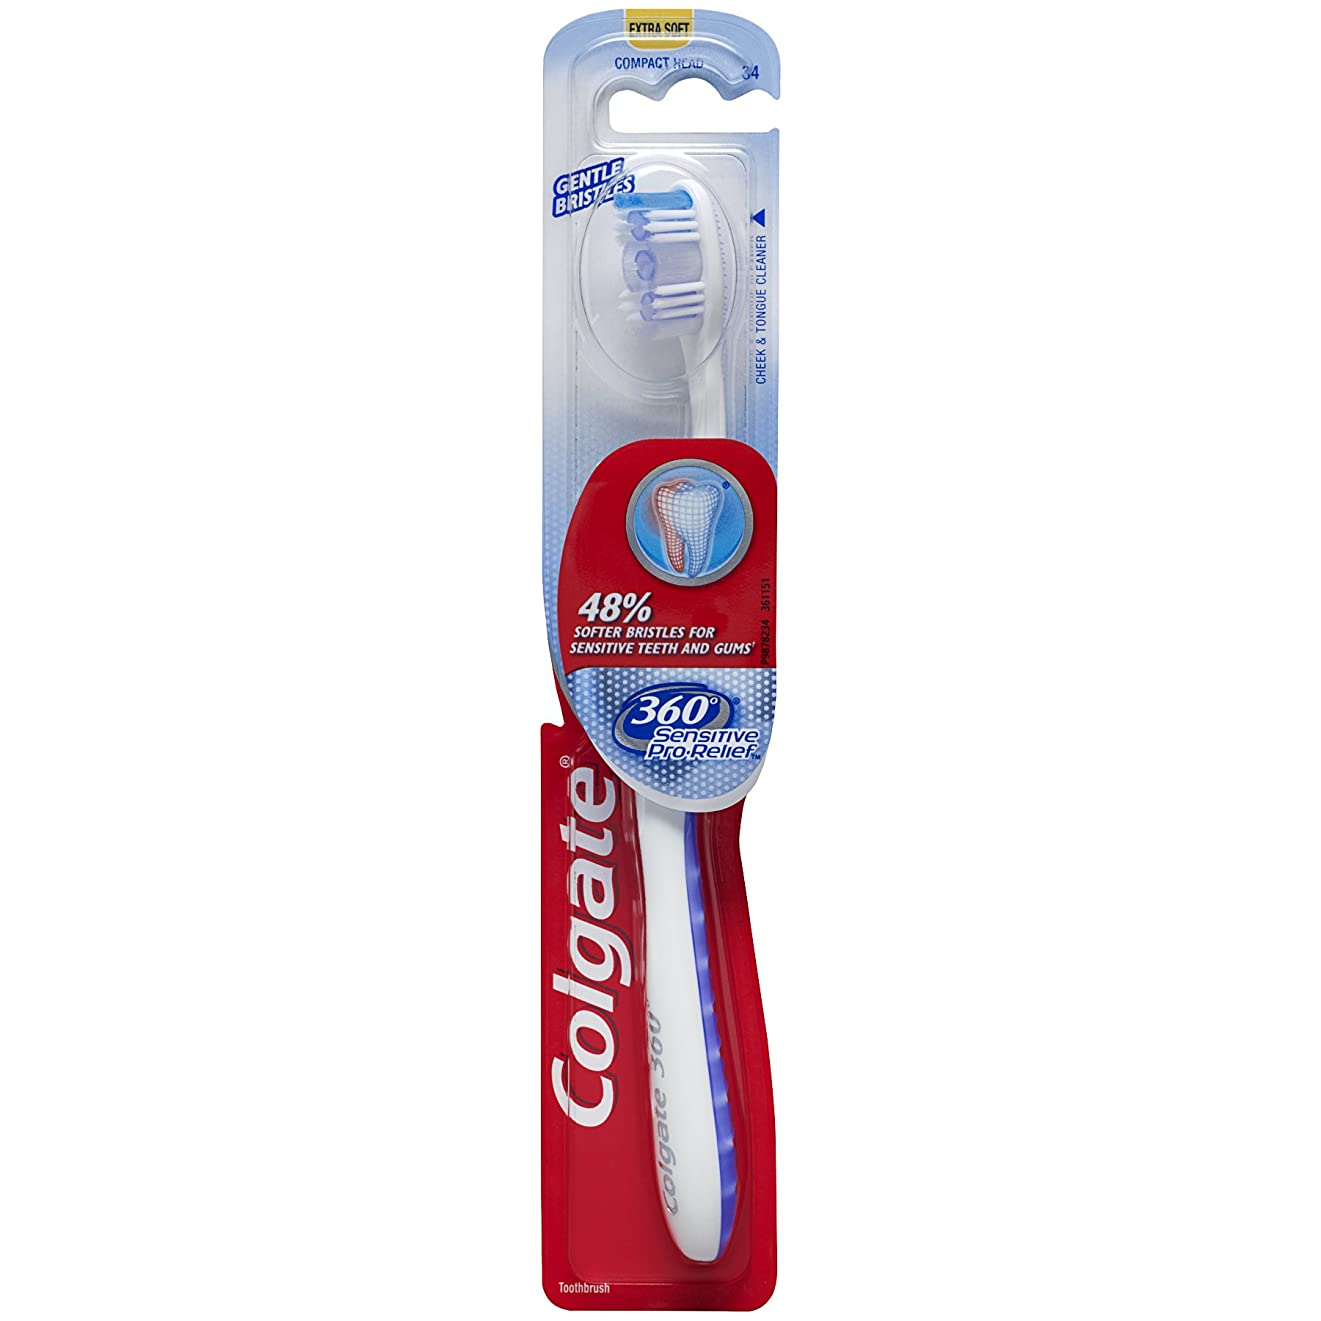 ラウズ上作り上げるColgate 360機密性の高いプロの救済スリム歯ブラシ、エクストラソフト(色は異なります)